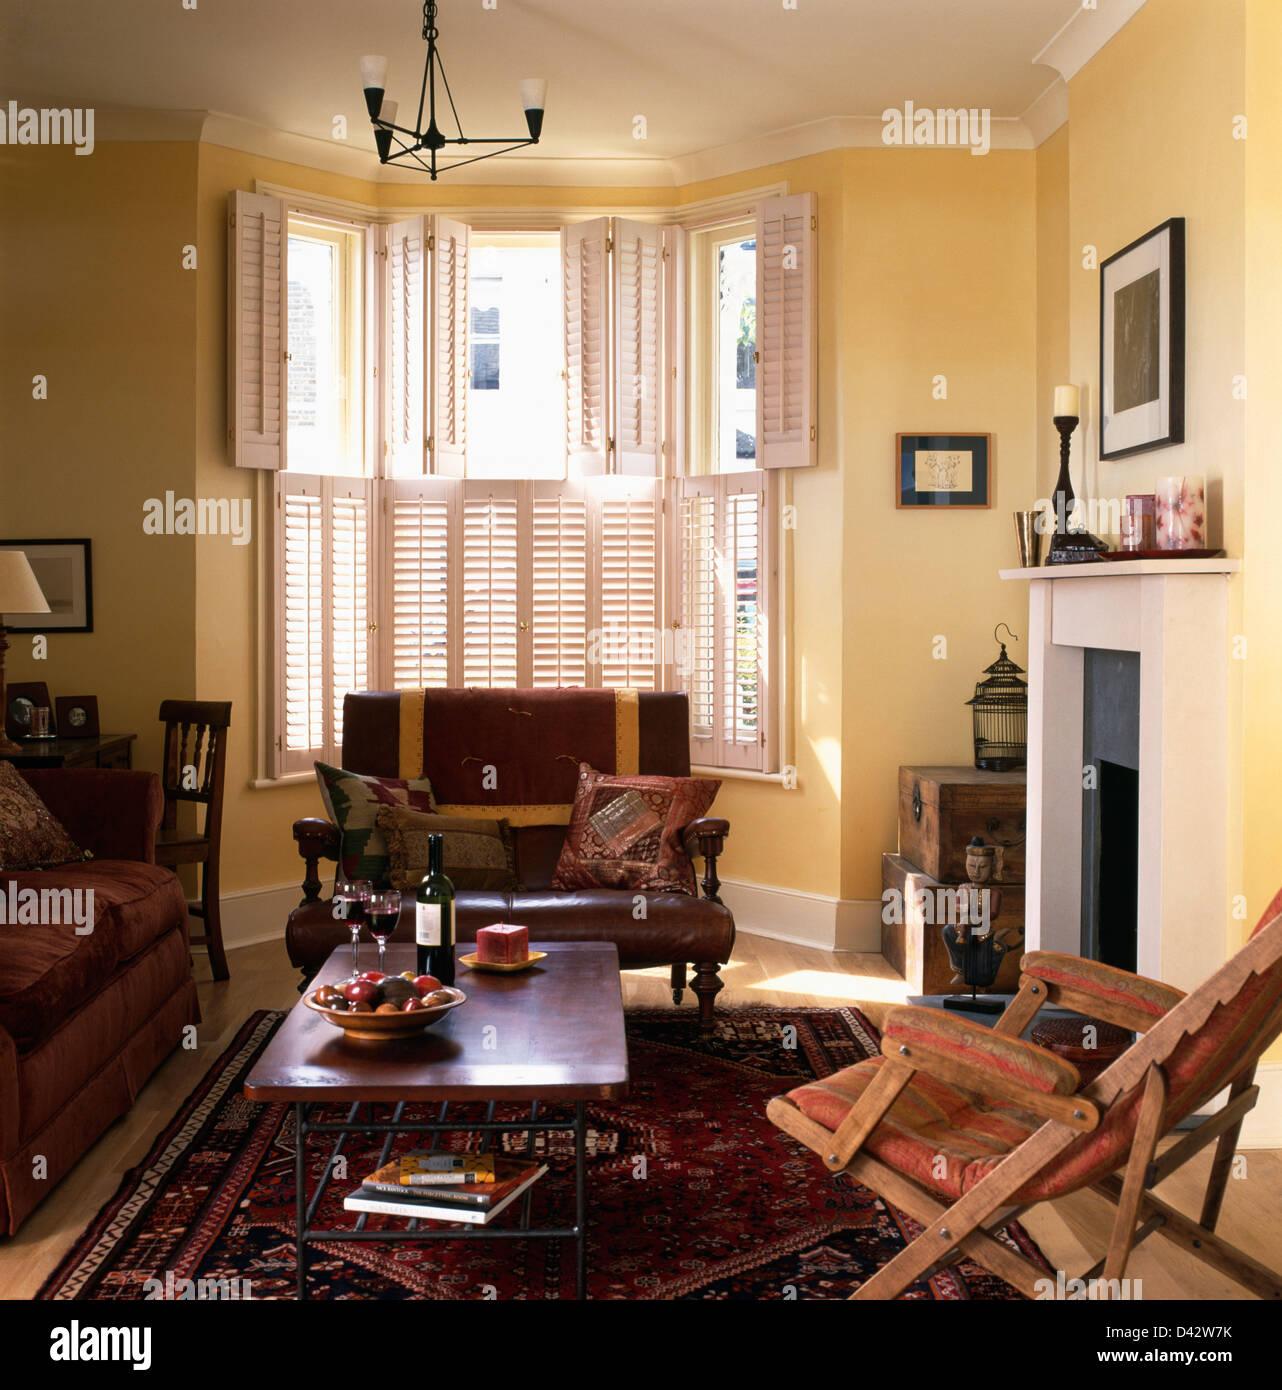 Kleine Braune Ledercouch Unter Fenster Mit Plantage Fensterläden Im  Wohnzimmer Mit Couchtisch Auf Orientteppich